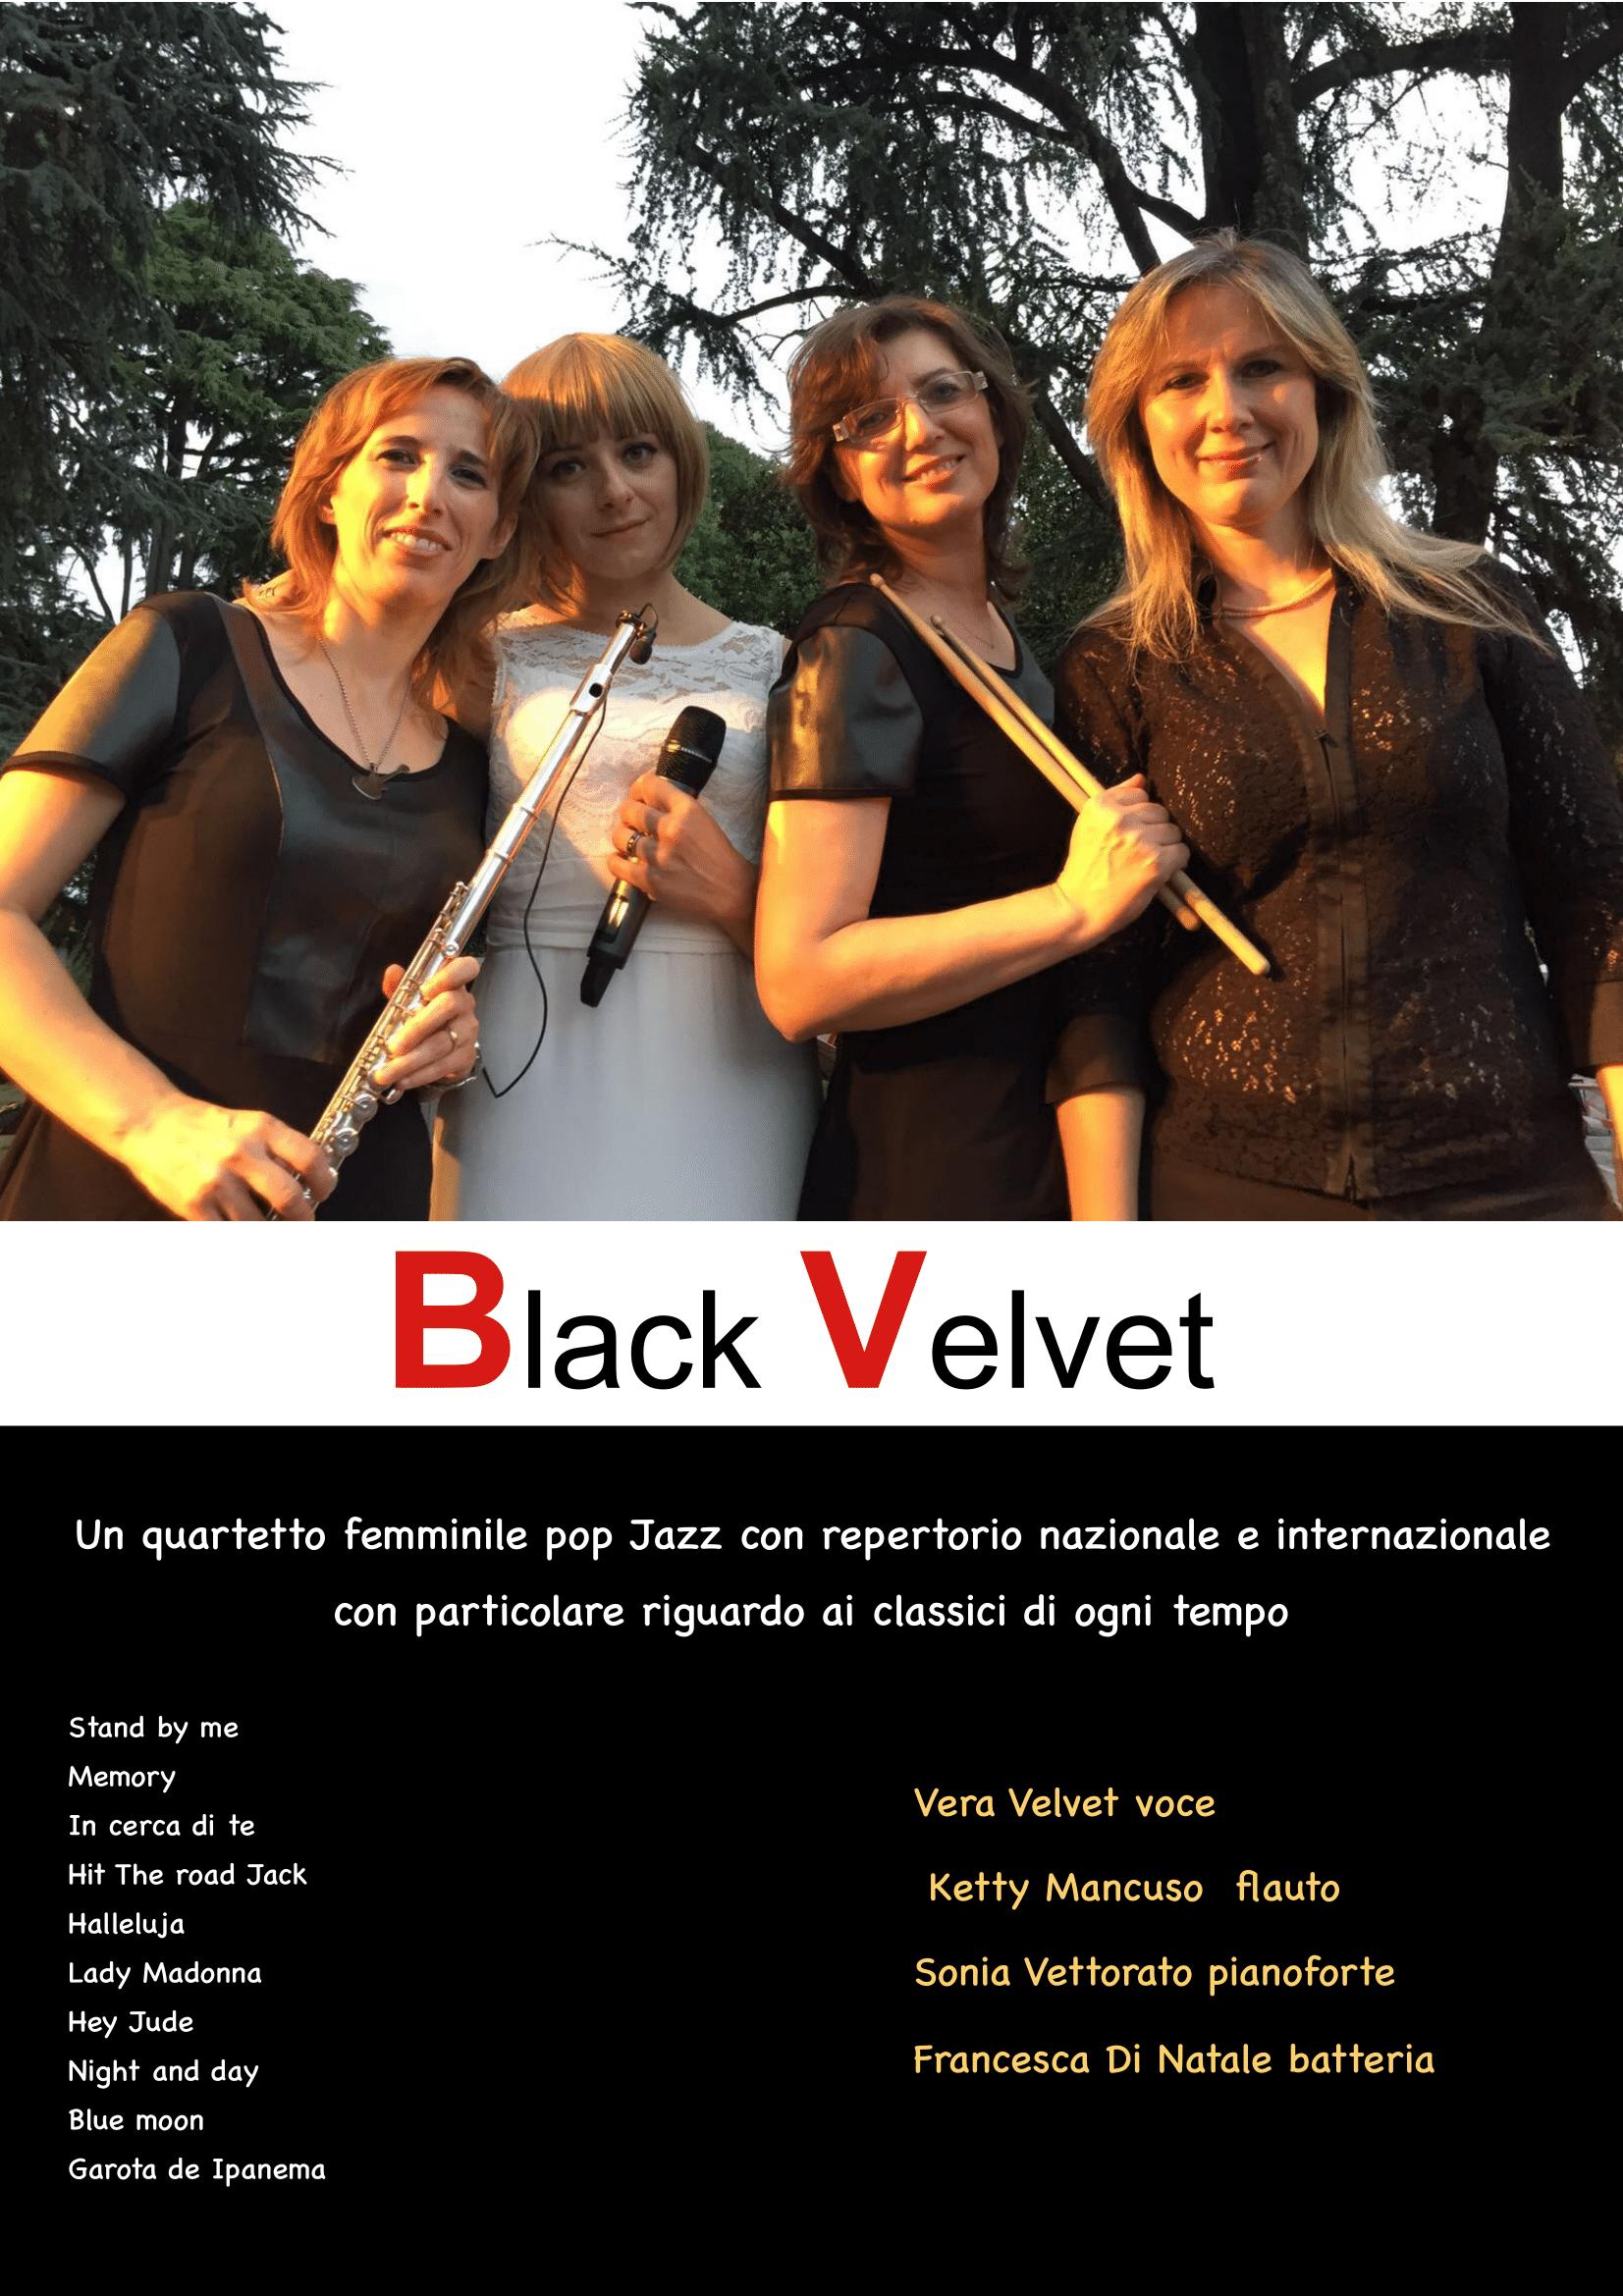 Black Velvet 1-1